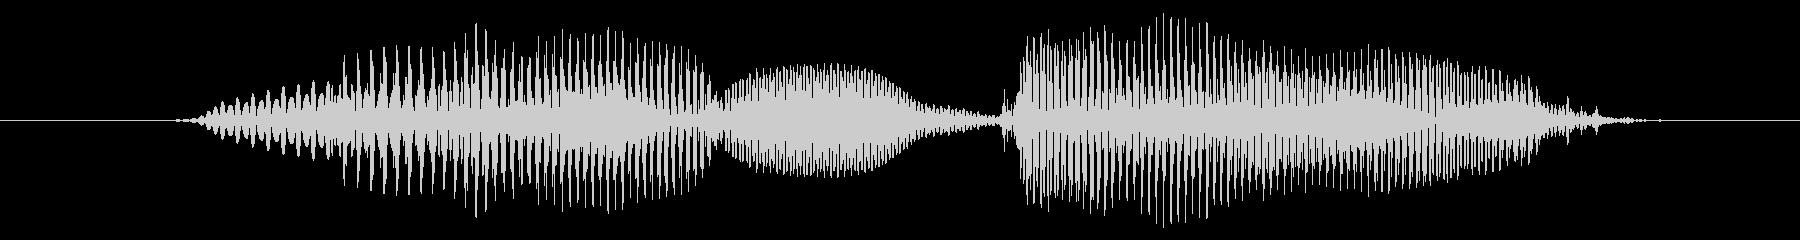 問題!の未再生の波形